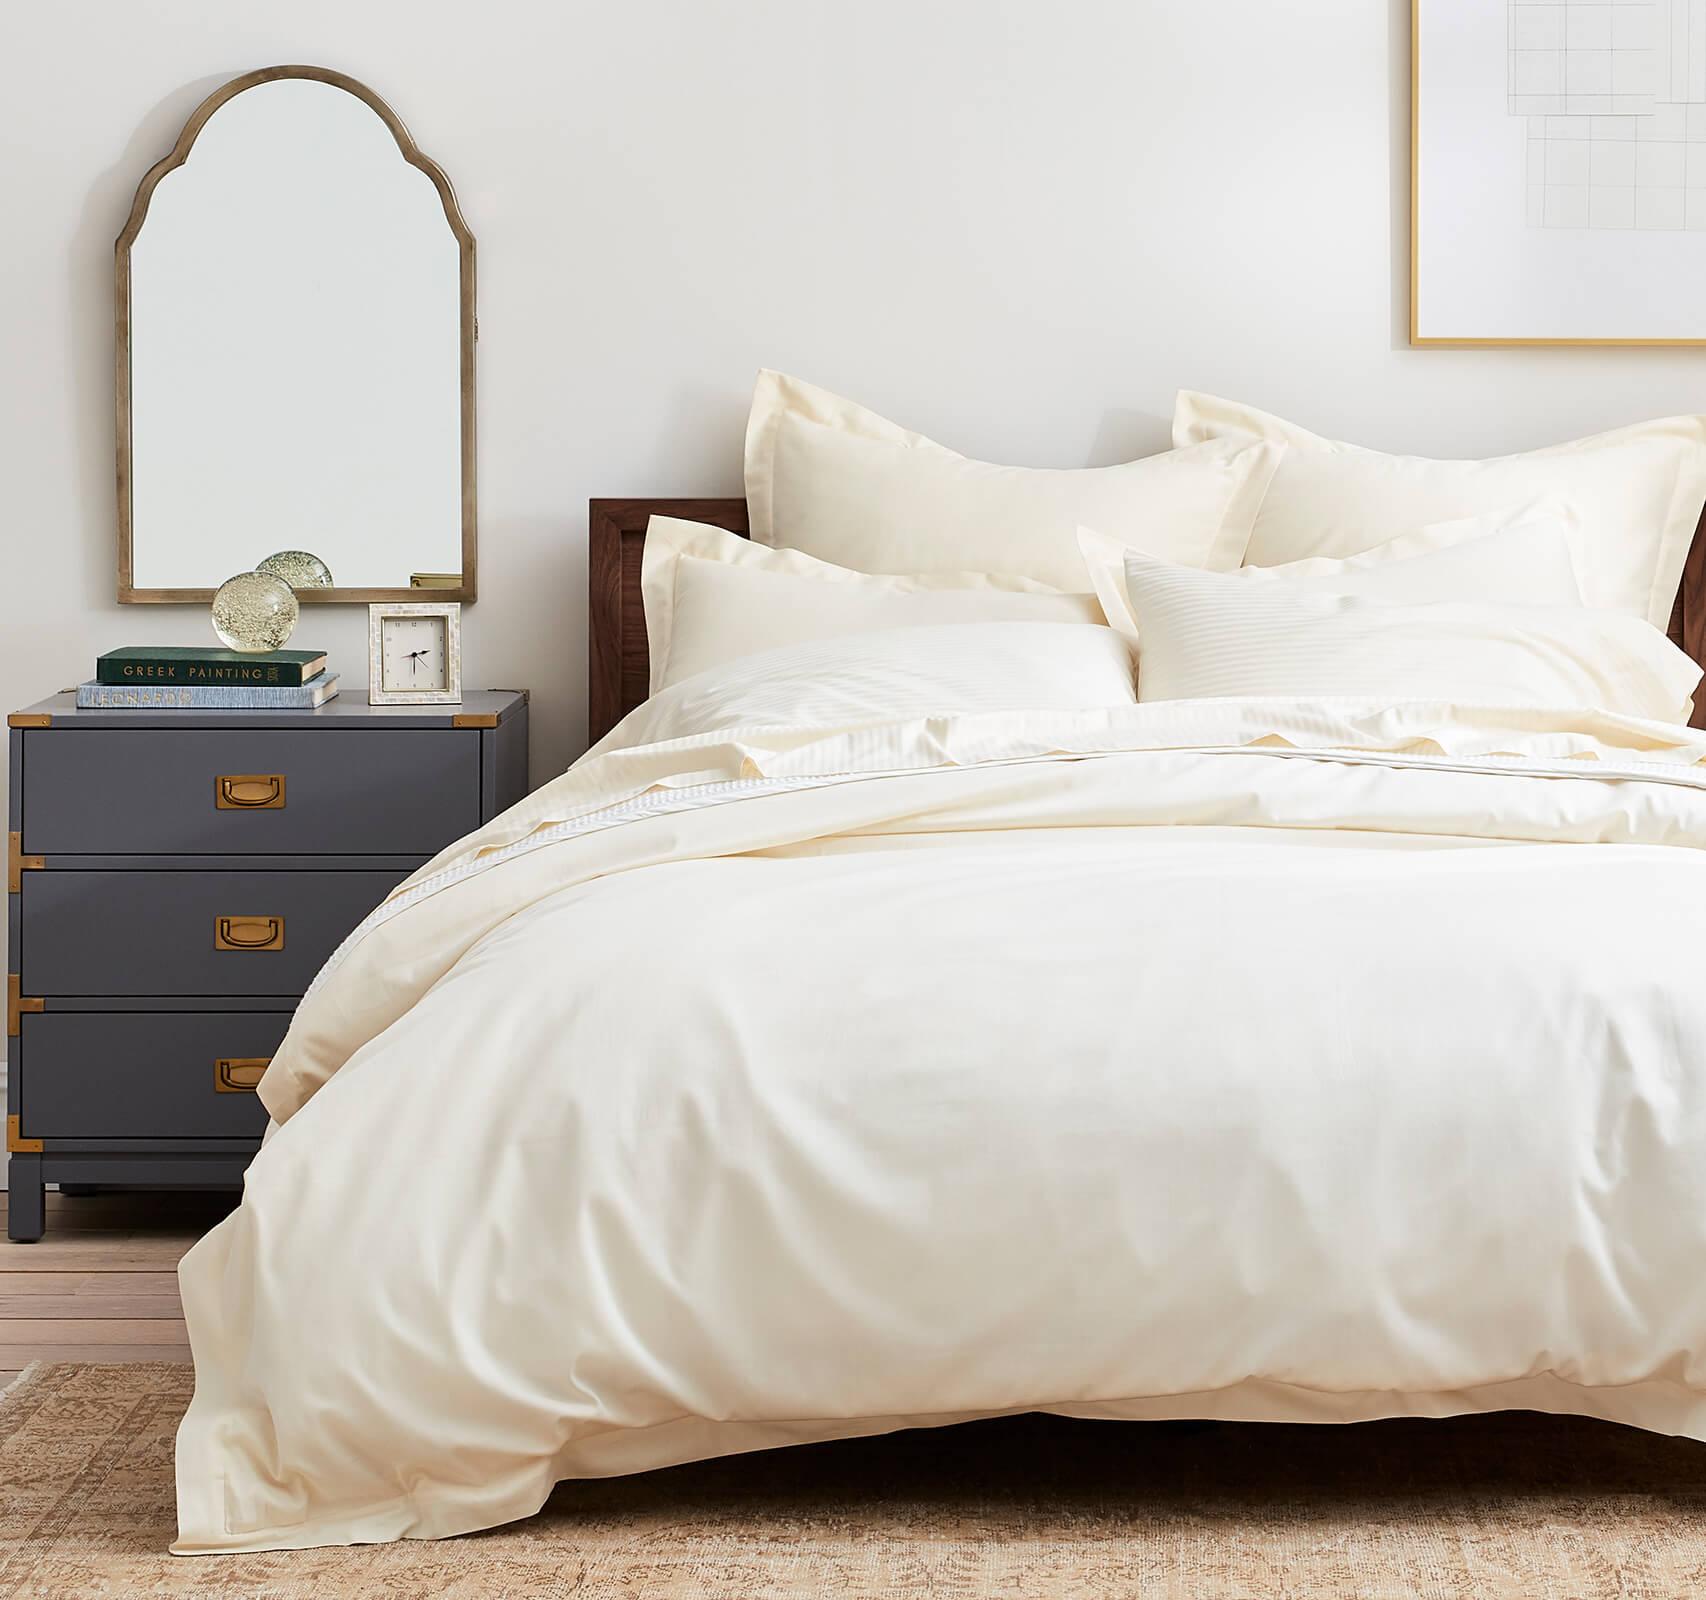 Ivory Transitional Bedroom header image